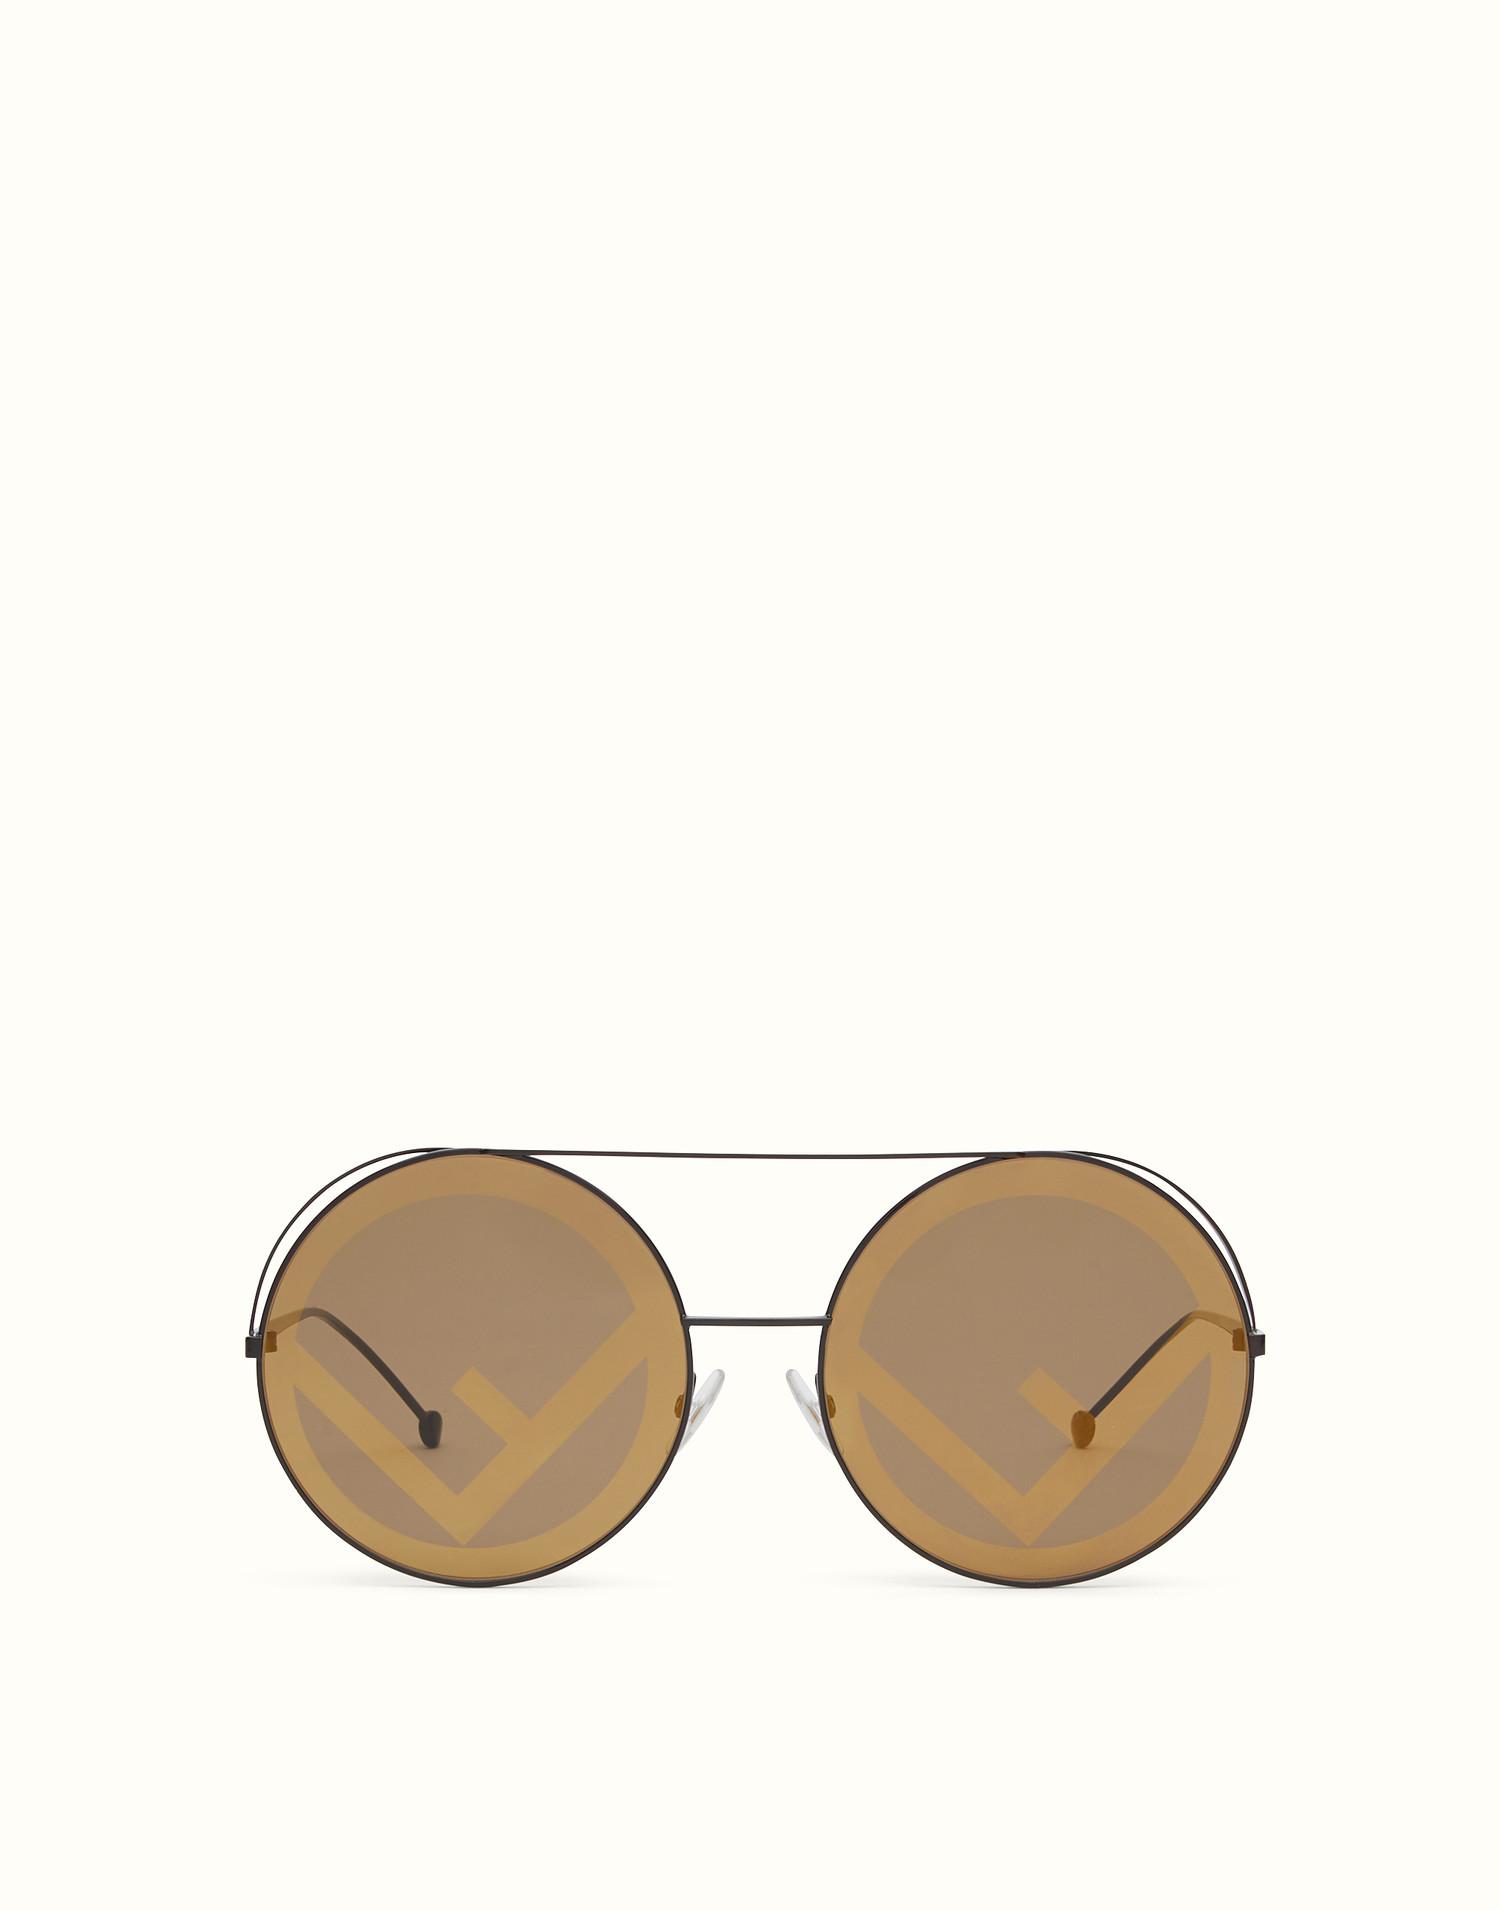 Fendi runaway brown.jpg